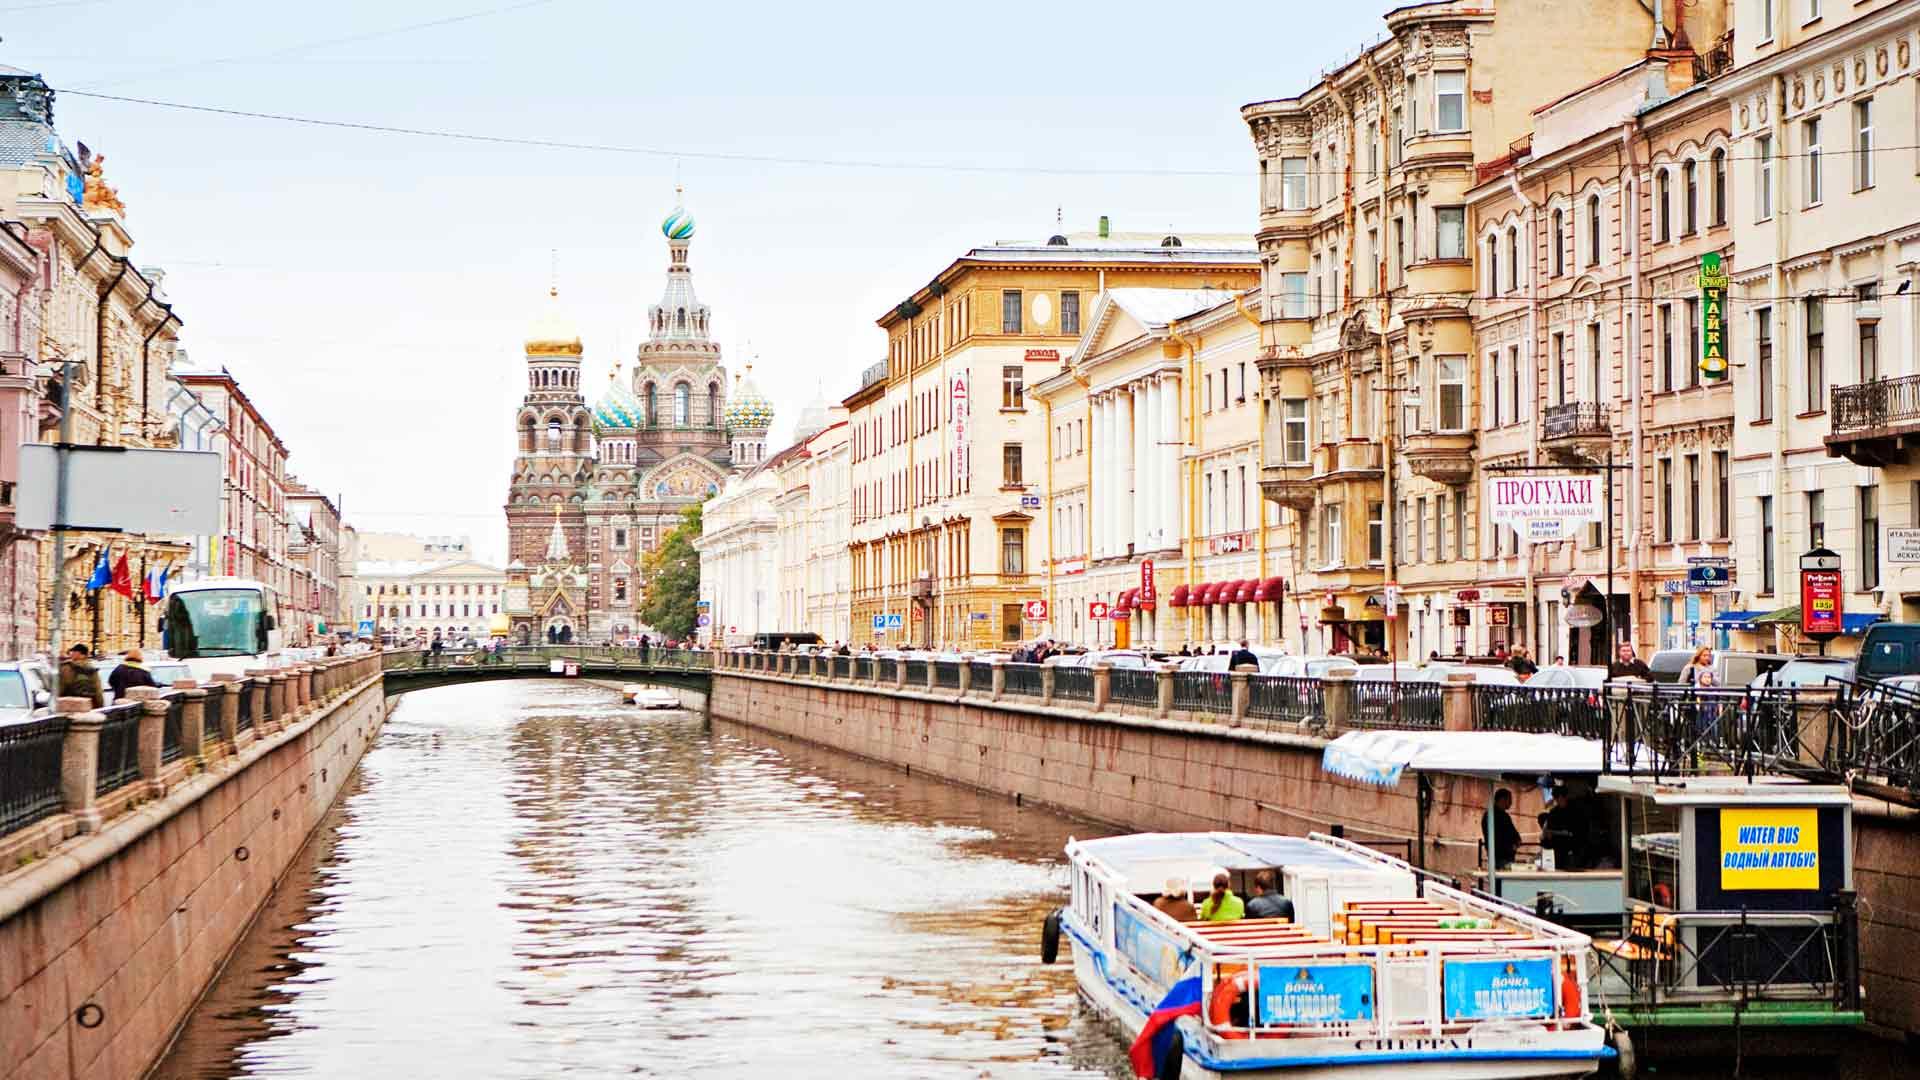 Pietari Suuri halusi tehdä Pietarista eurooppalaisen kaupungin. Mallia otettiin niin Venetsiasta, Amsterdamista kuin Ranskan puistoistakin.